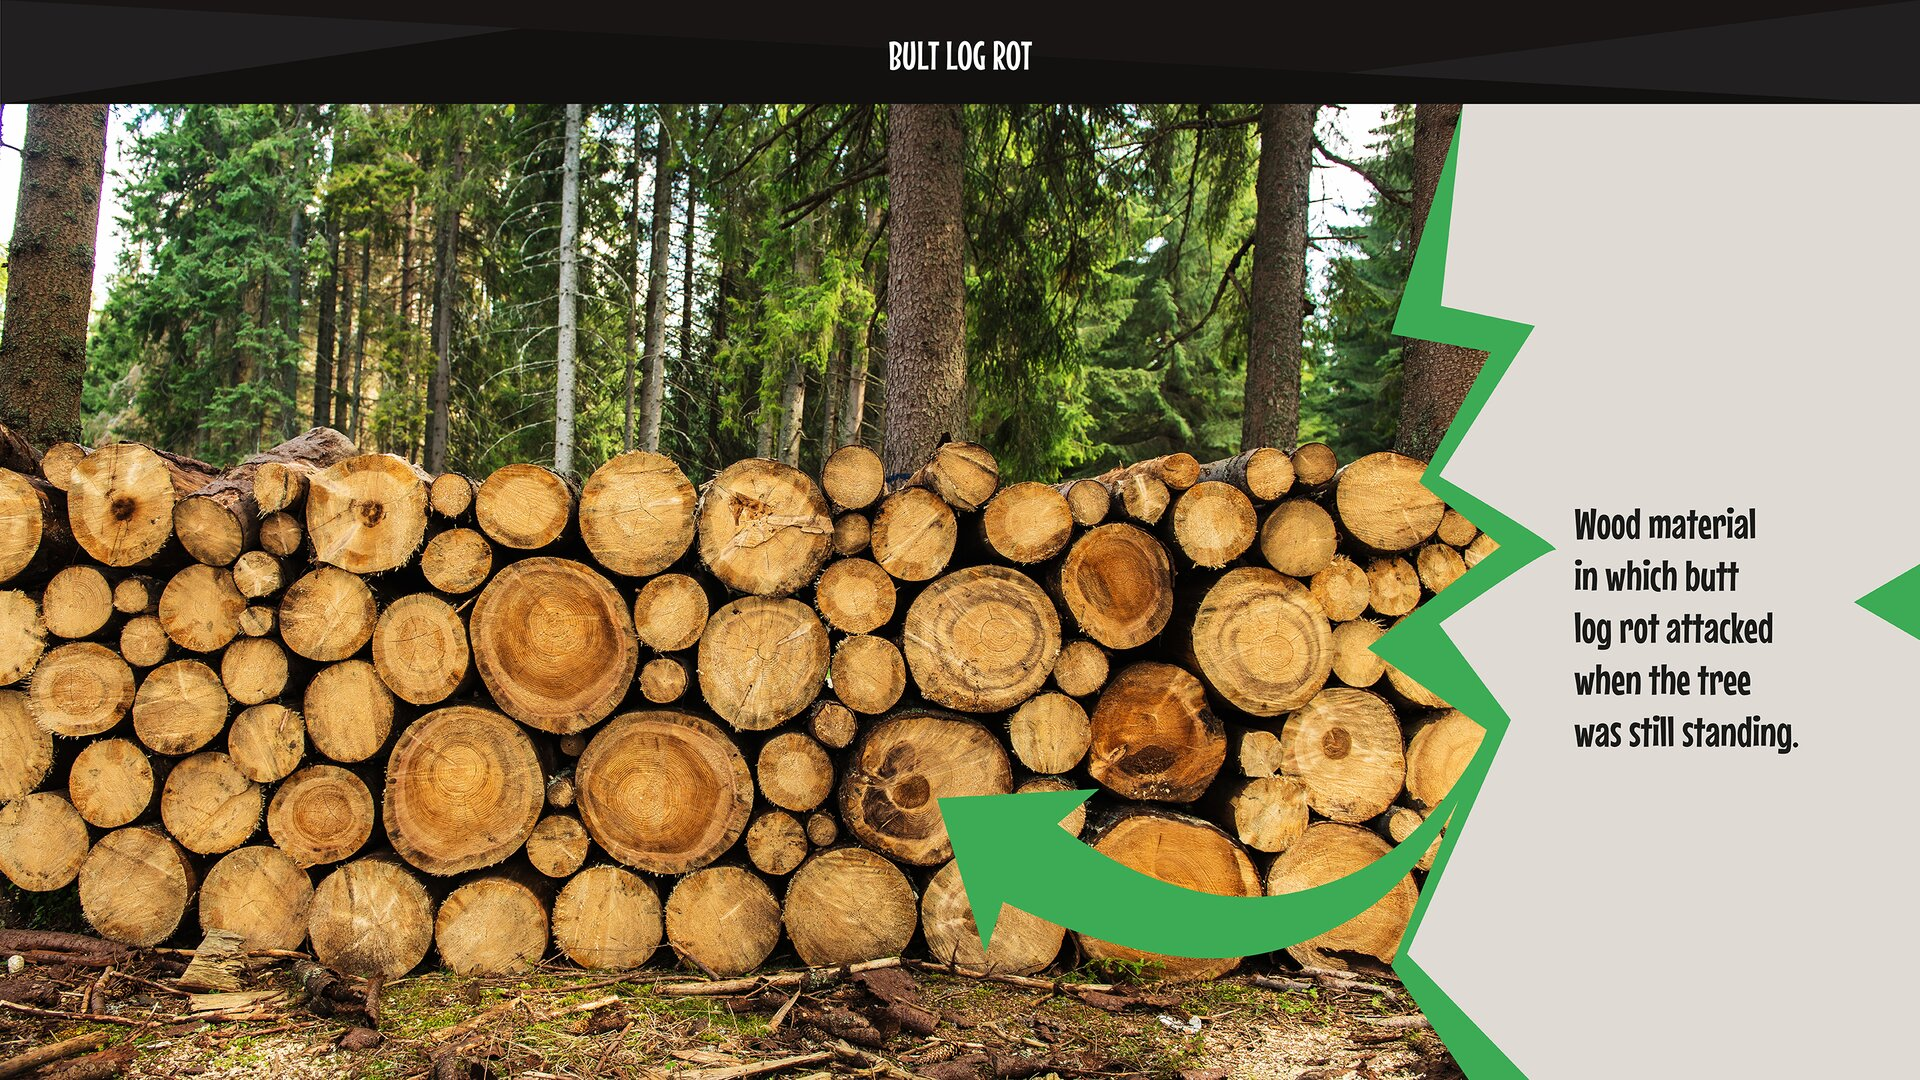 The photo presents wood material in which butt log rot attacked when the tree was still standing. Zdjęcie przedstawia surowiec drzewny, wktórym zgnilizna odziomkowa rozwinęła się jeszcze wstojącym drzewie.